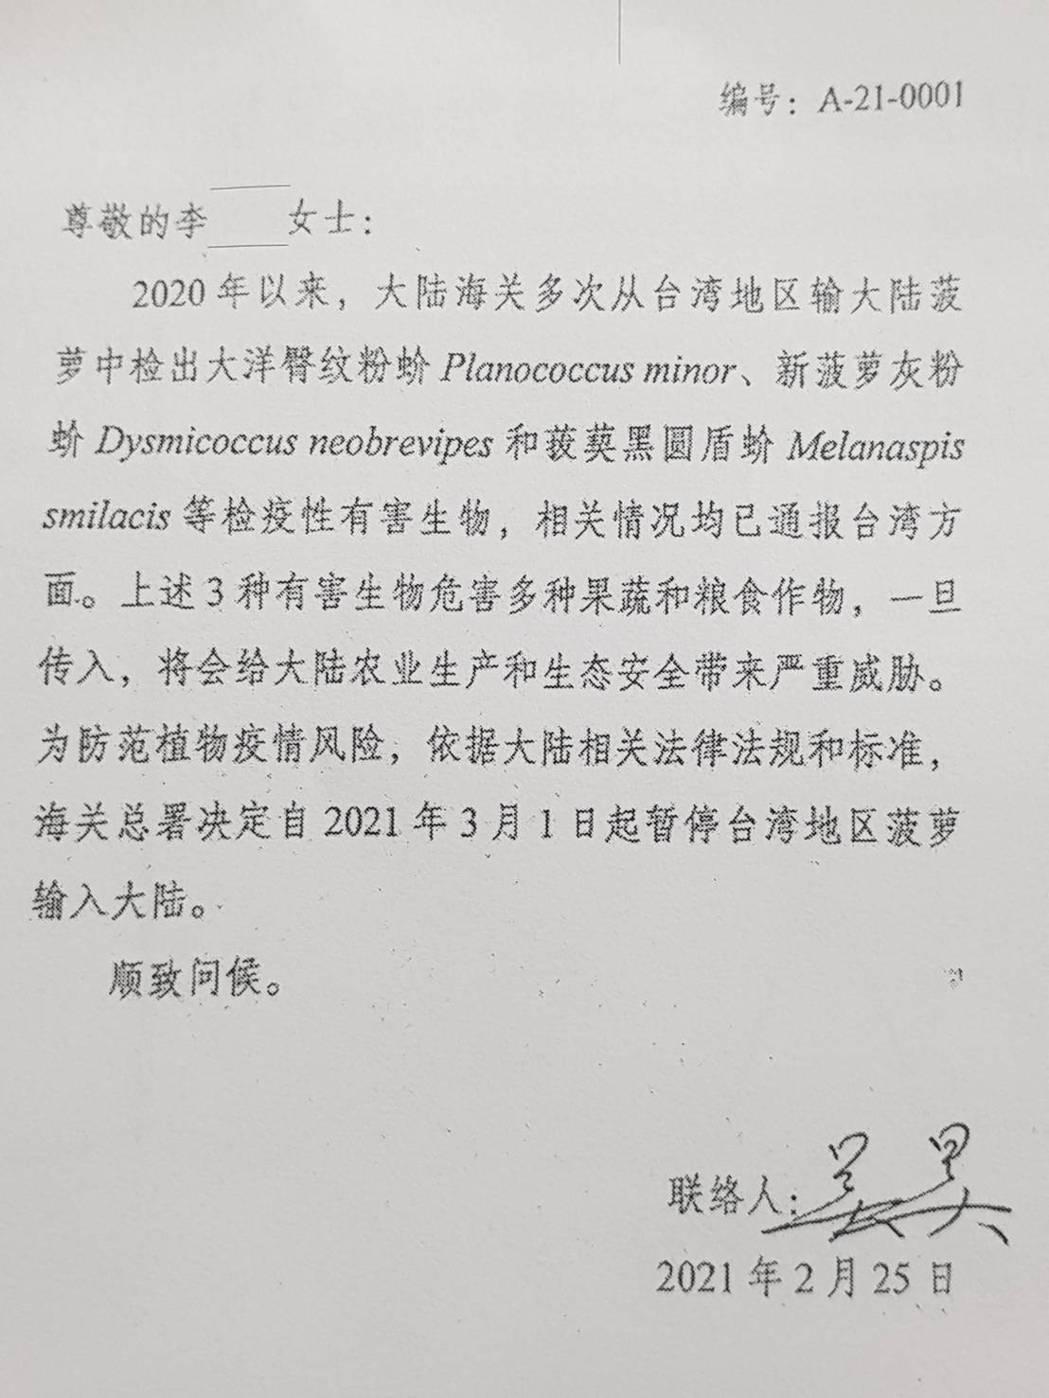 中國大陸對台下鳳梨禁令,事件超過5天,即使我方回函說明,要求能夠面對面視訊、溝通...